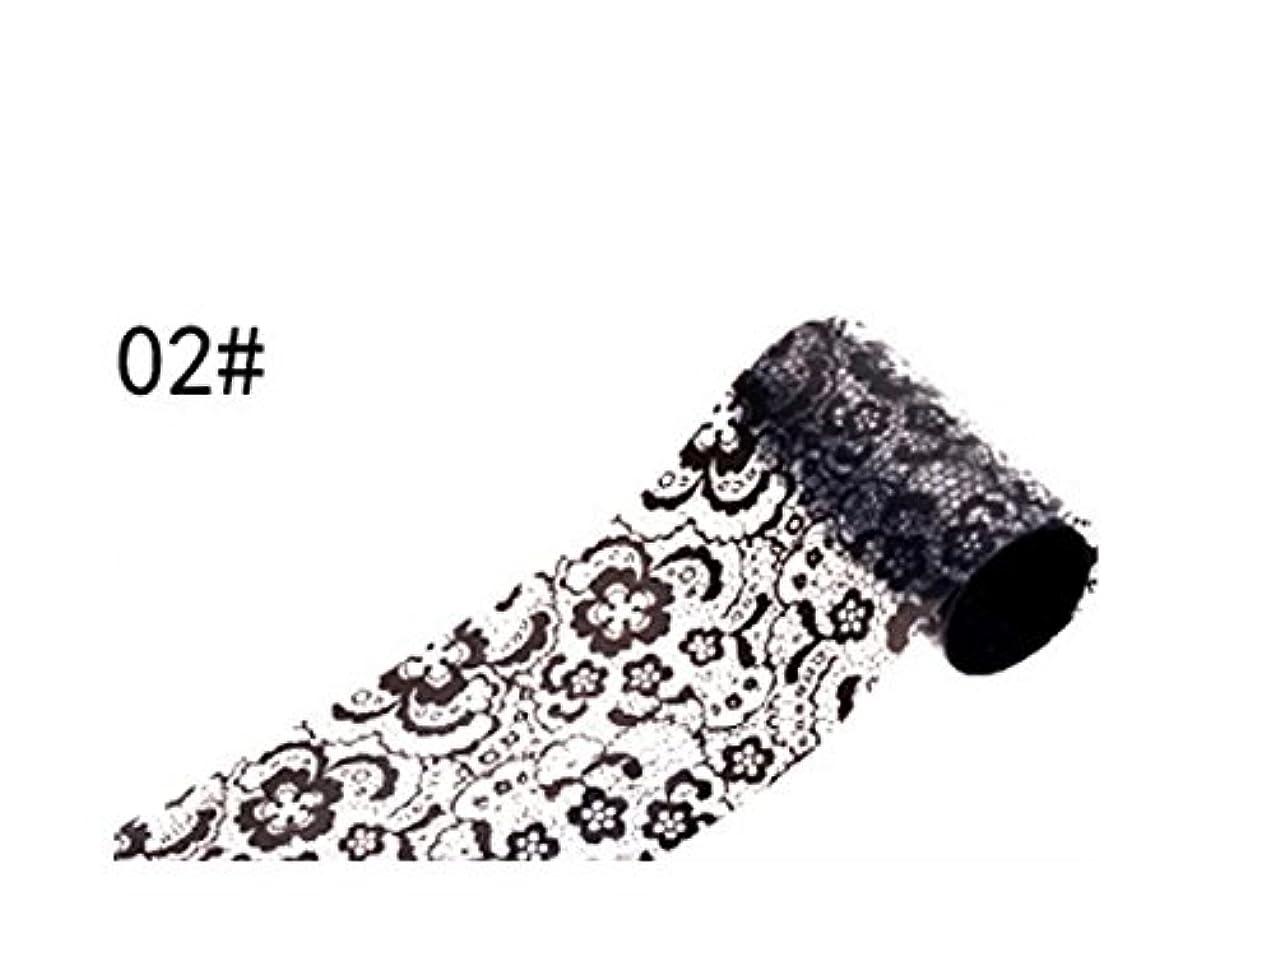 穏やかな引く注意Osize ブラックレースのデザインネイルアートステッカーデカールネイルチップのデコレーションブラックレースの花転写箔ネイルアートセクシーなデザインのステッカー(ブラック)